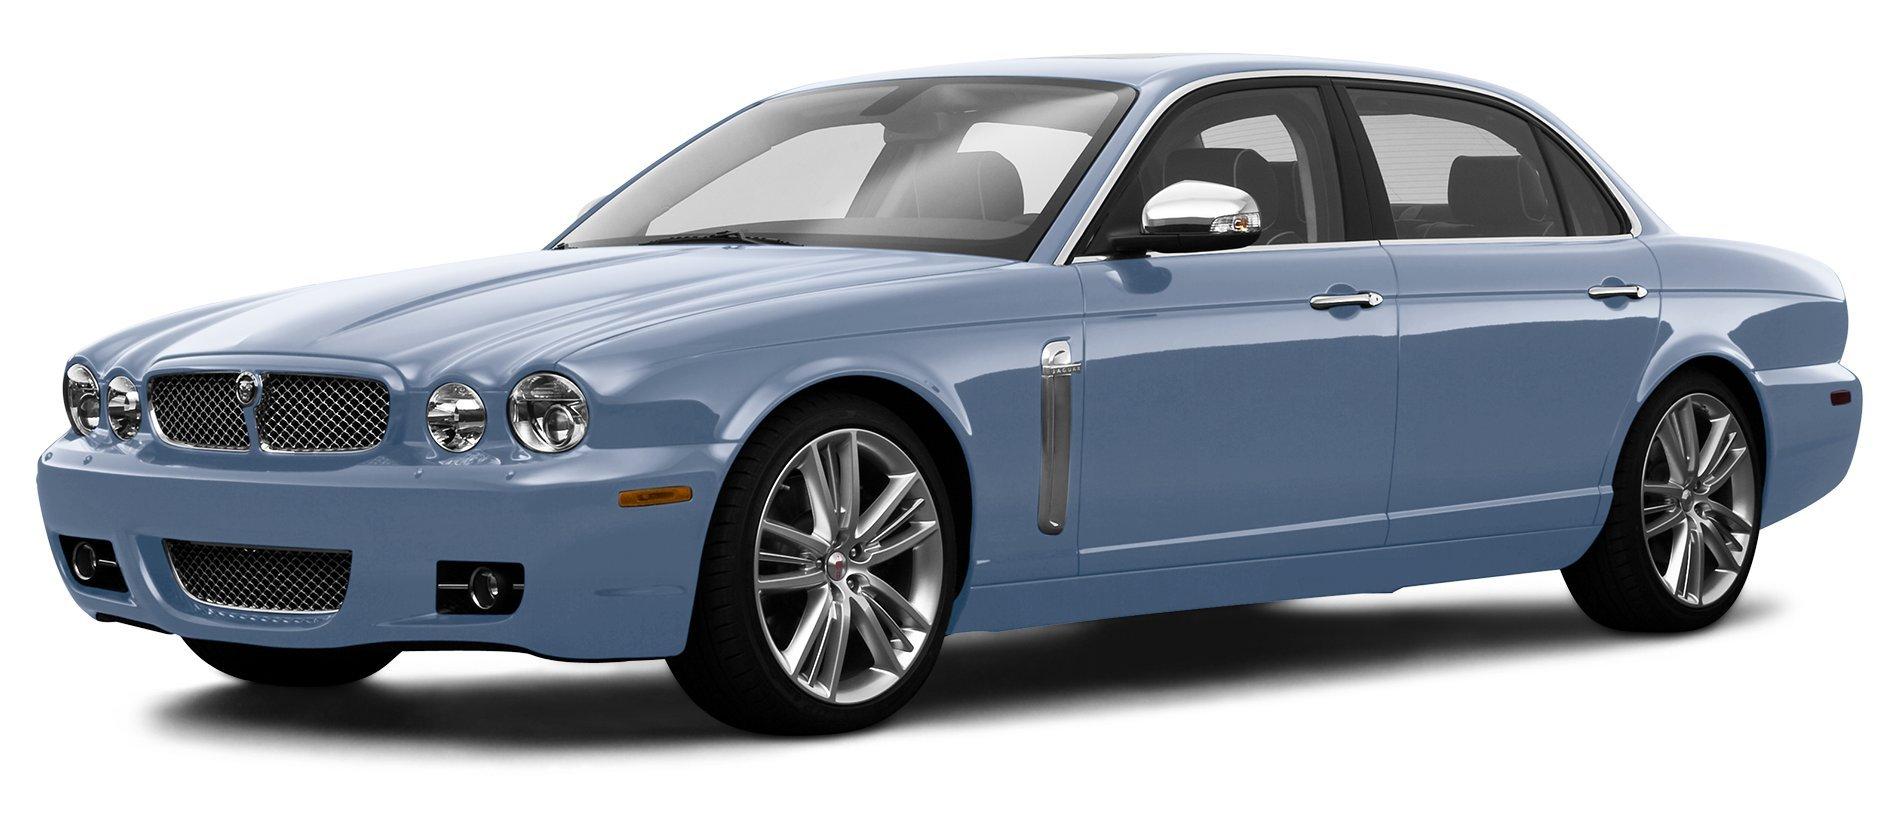 2009 jaguar xjr 4 door sedan